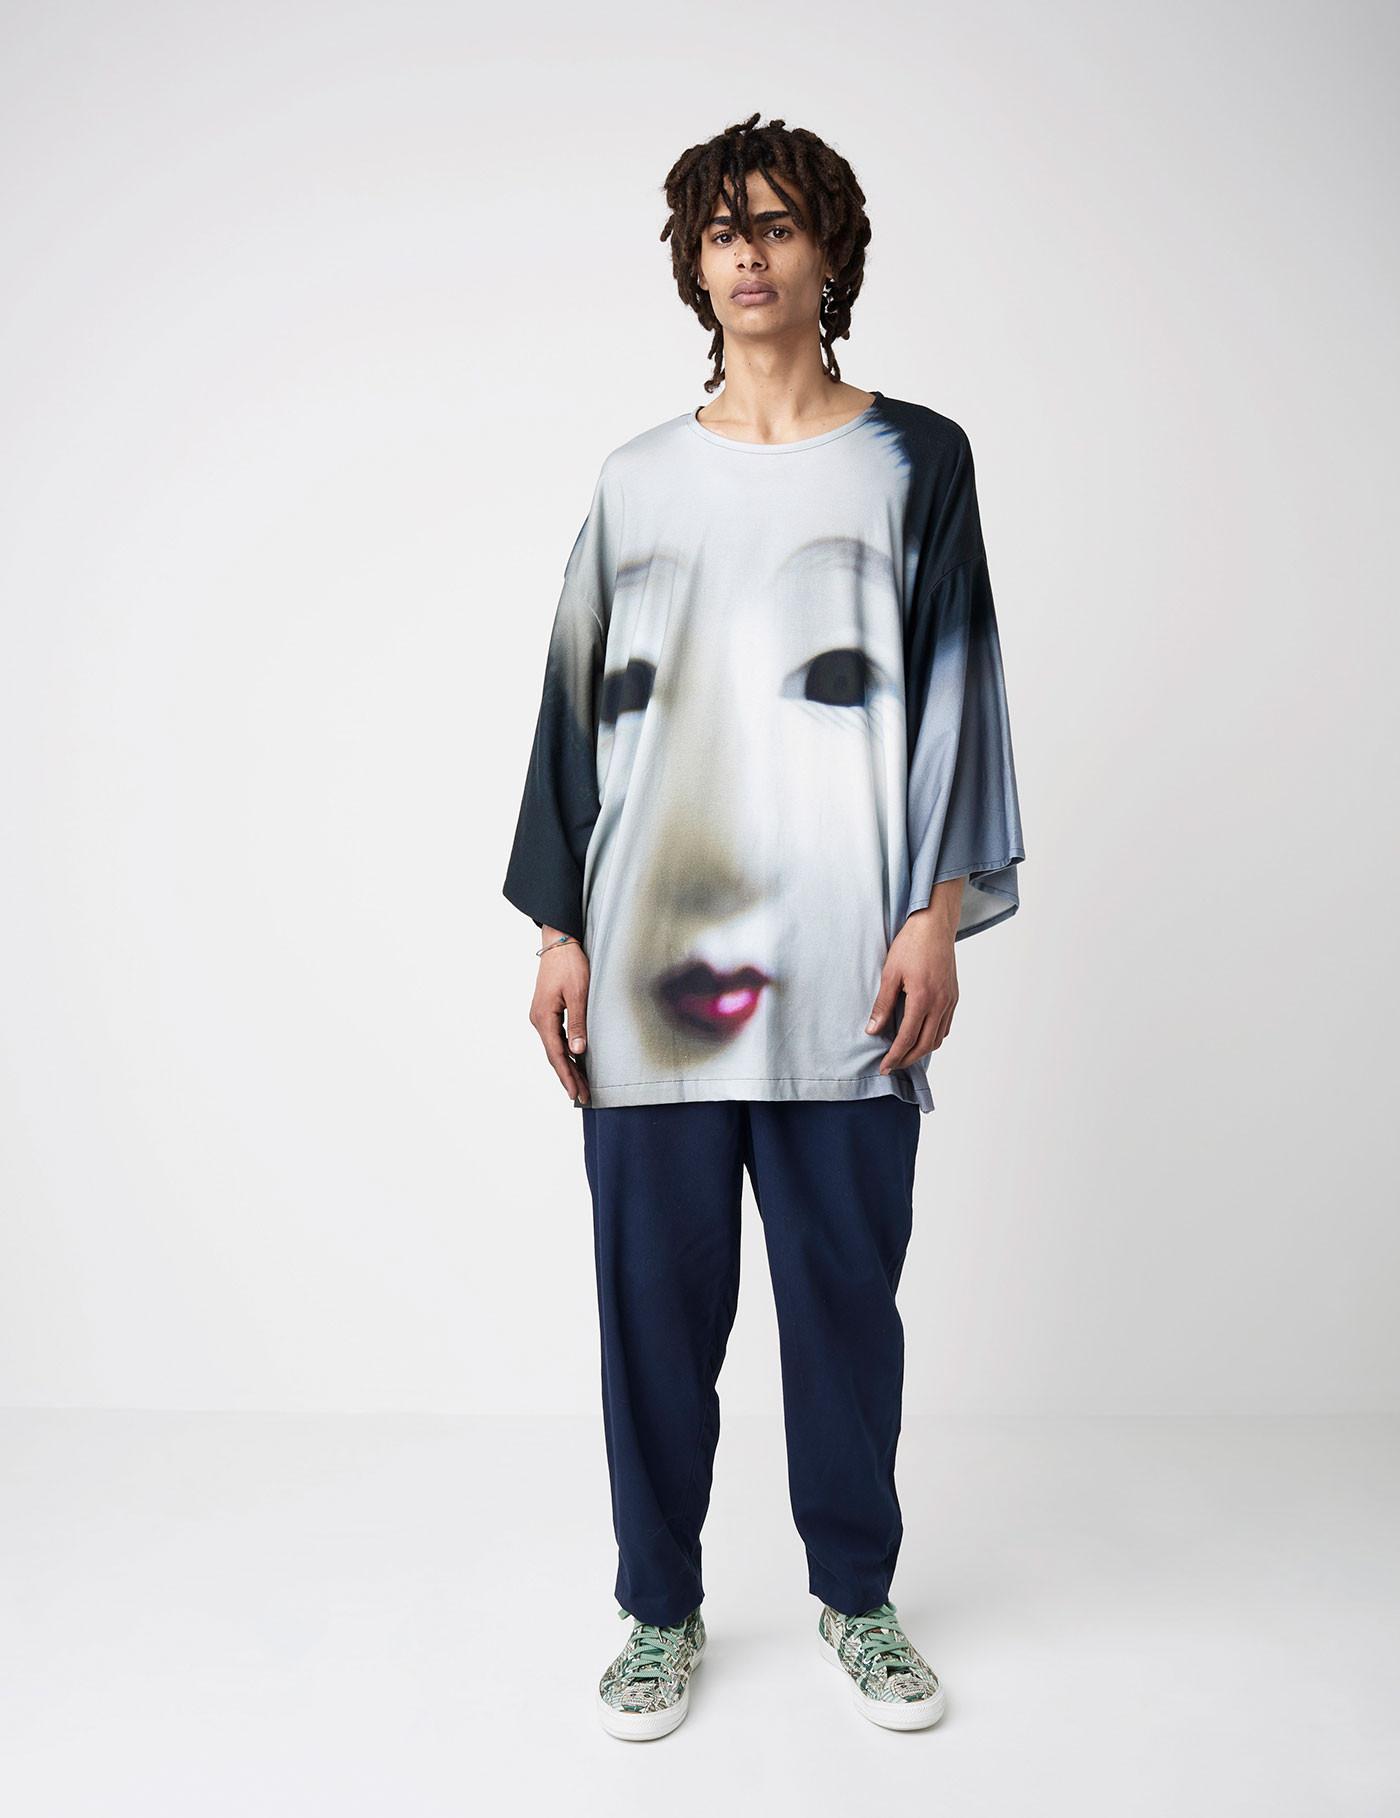 865e3306b Organic Cotton KIMONO T-SHIRT - Silvia Giovanardi | Sustainable Fashion